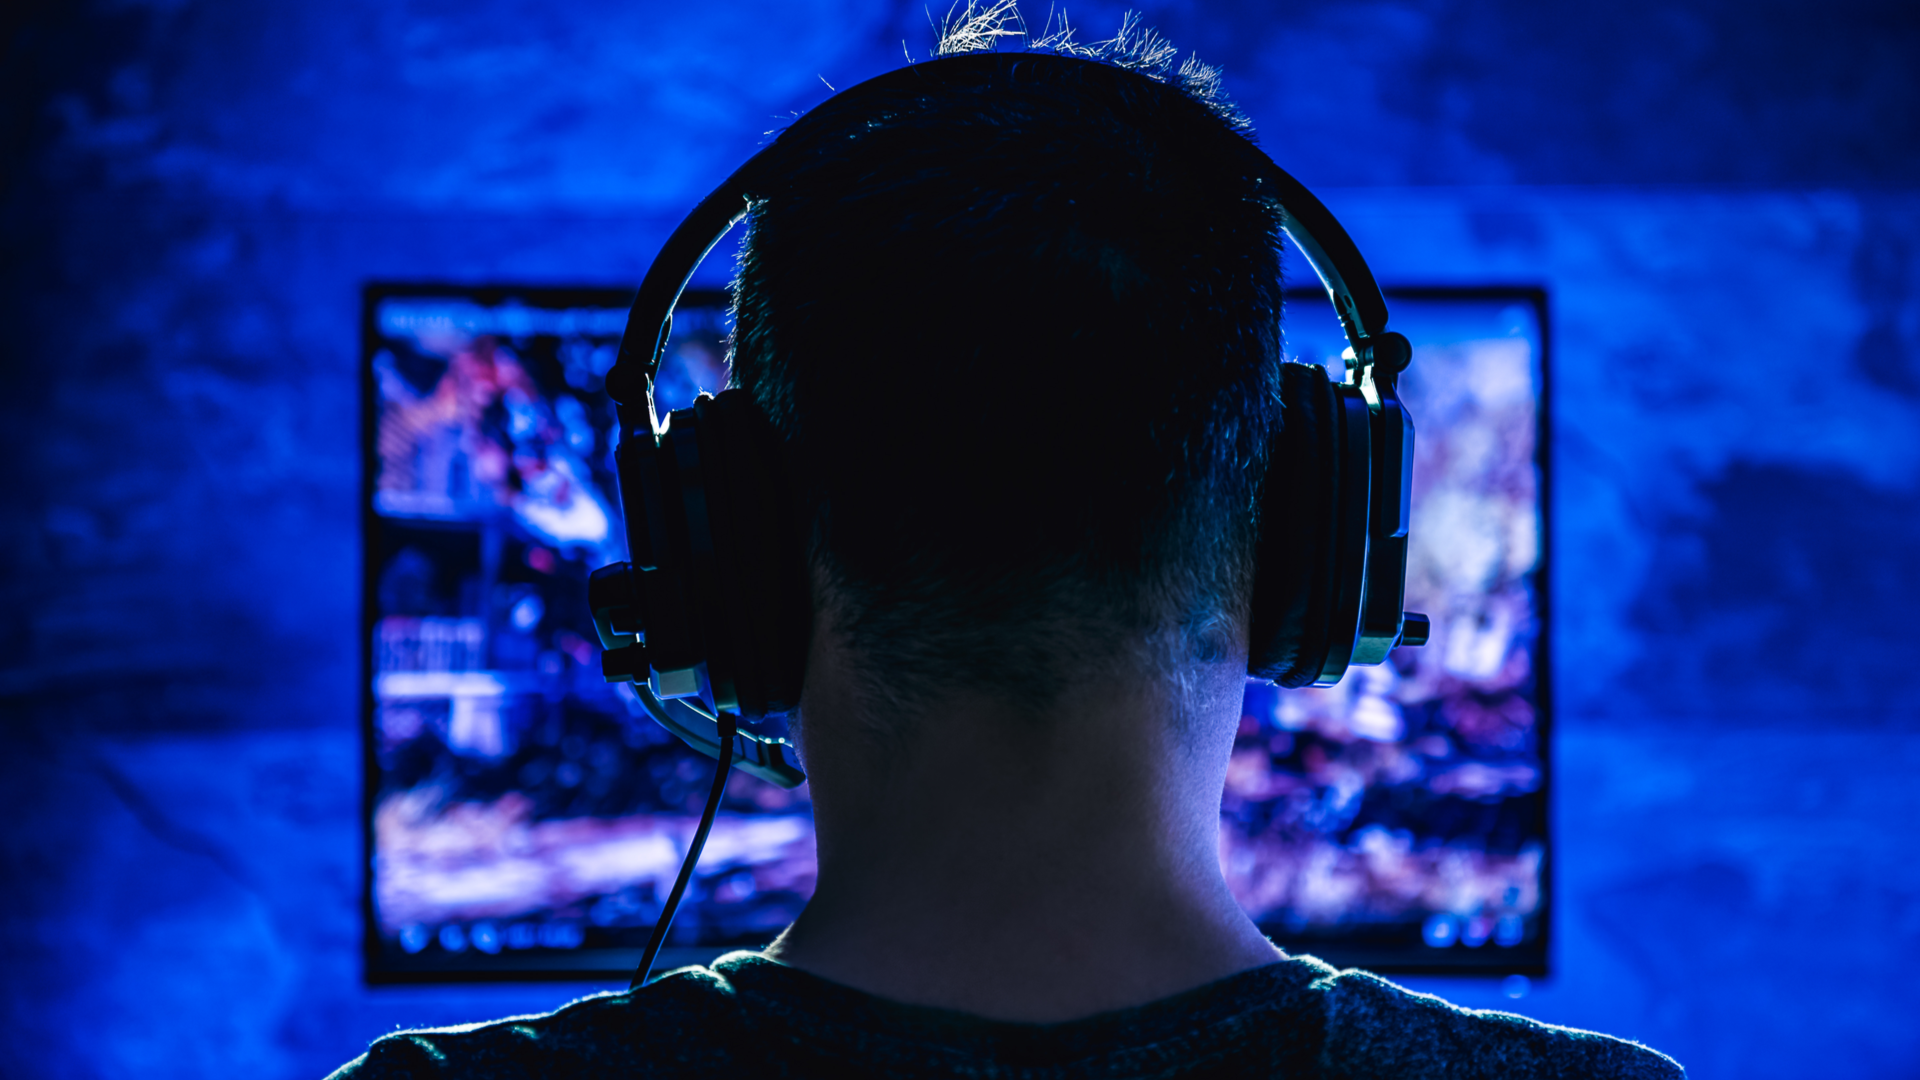 Melhor headset gamer: 12 modelos para comprar em 2020